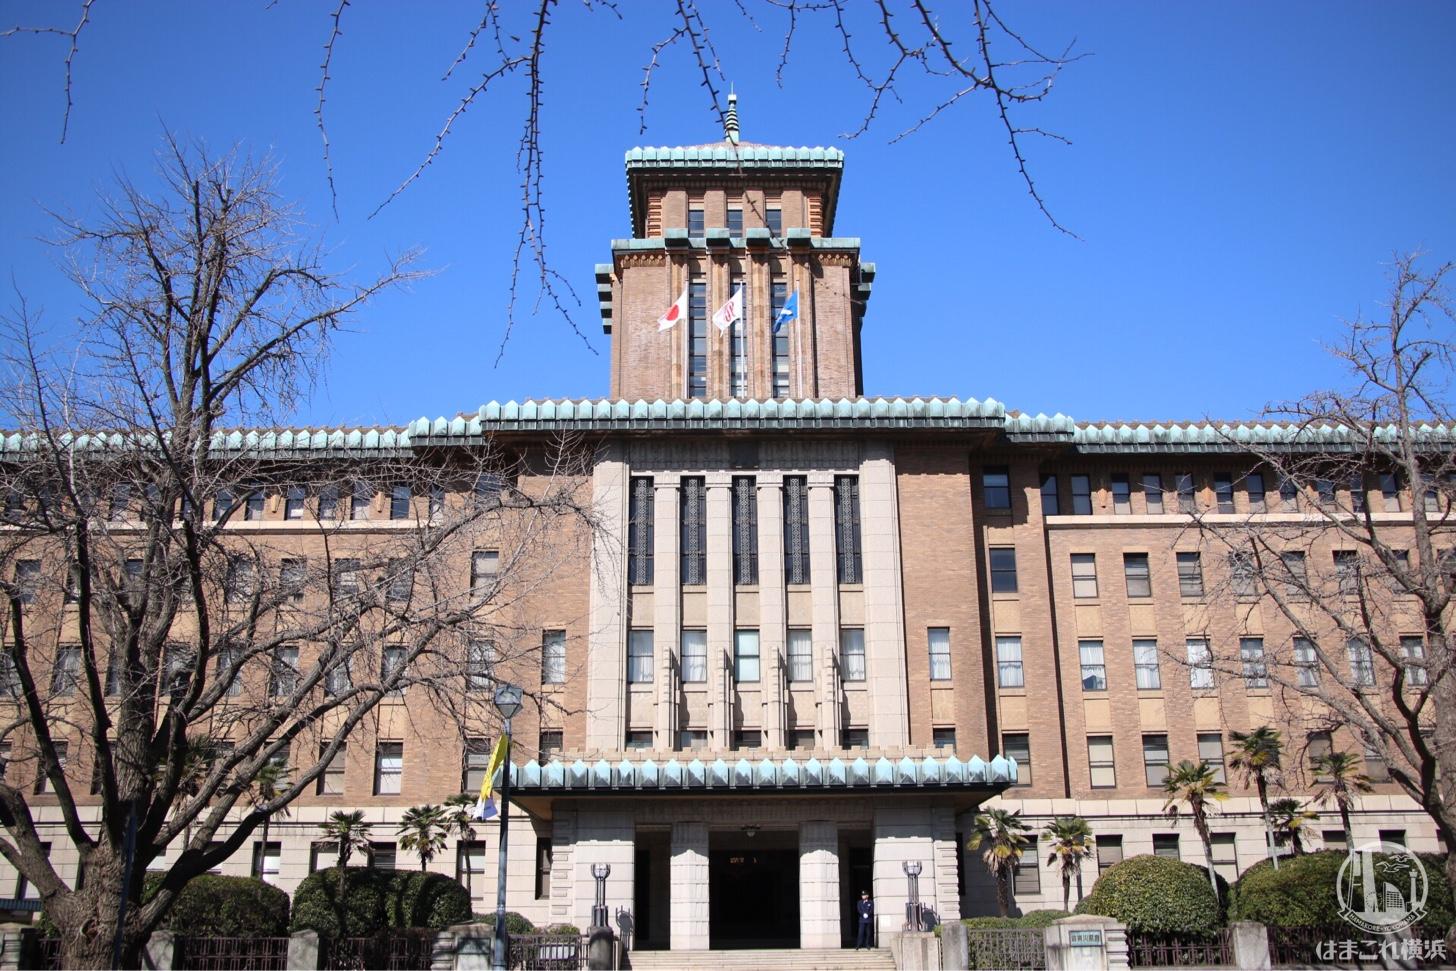 神奈川県庁本庁舎 正面玄関